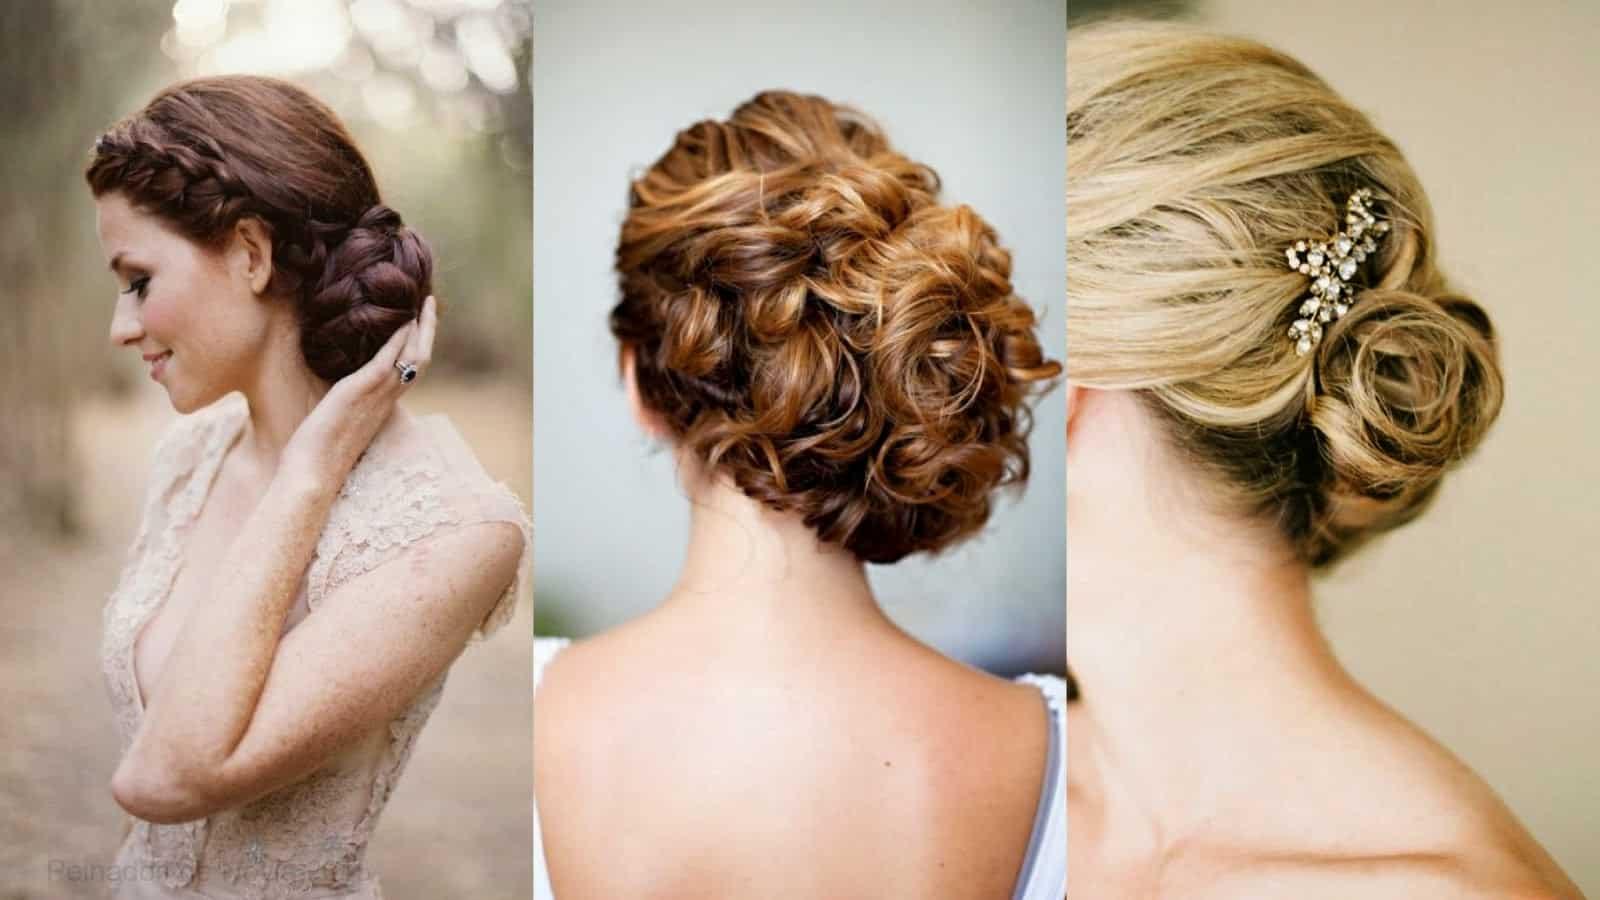 Peinados 2018 tendencias para novias y nuevos cortes de pelo